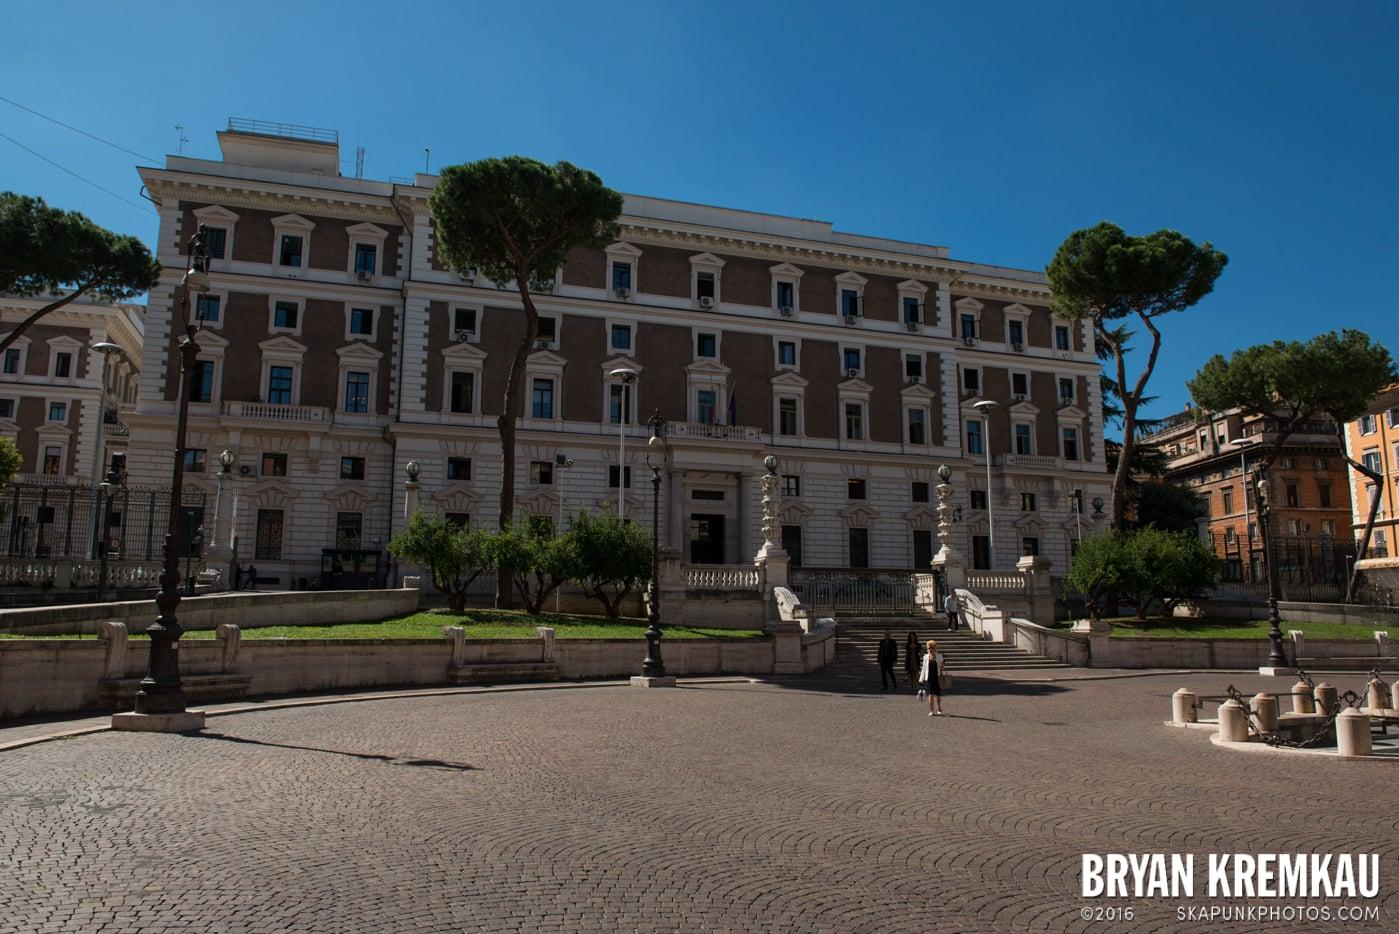 Italy Vacation - Day 12: Rome - 9.20.13 (31)